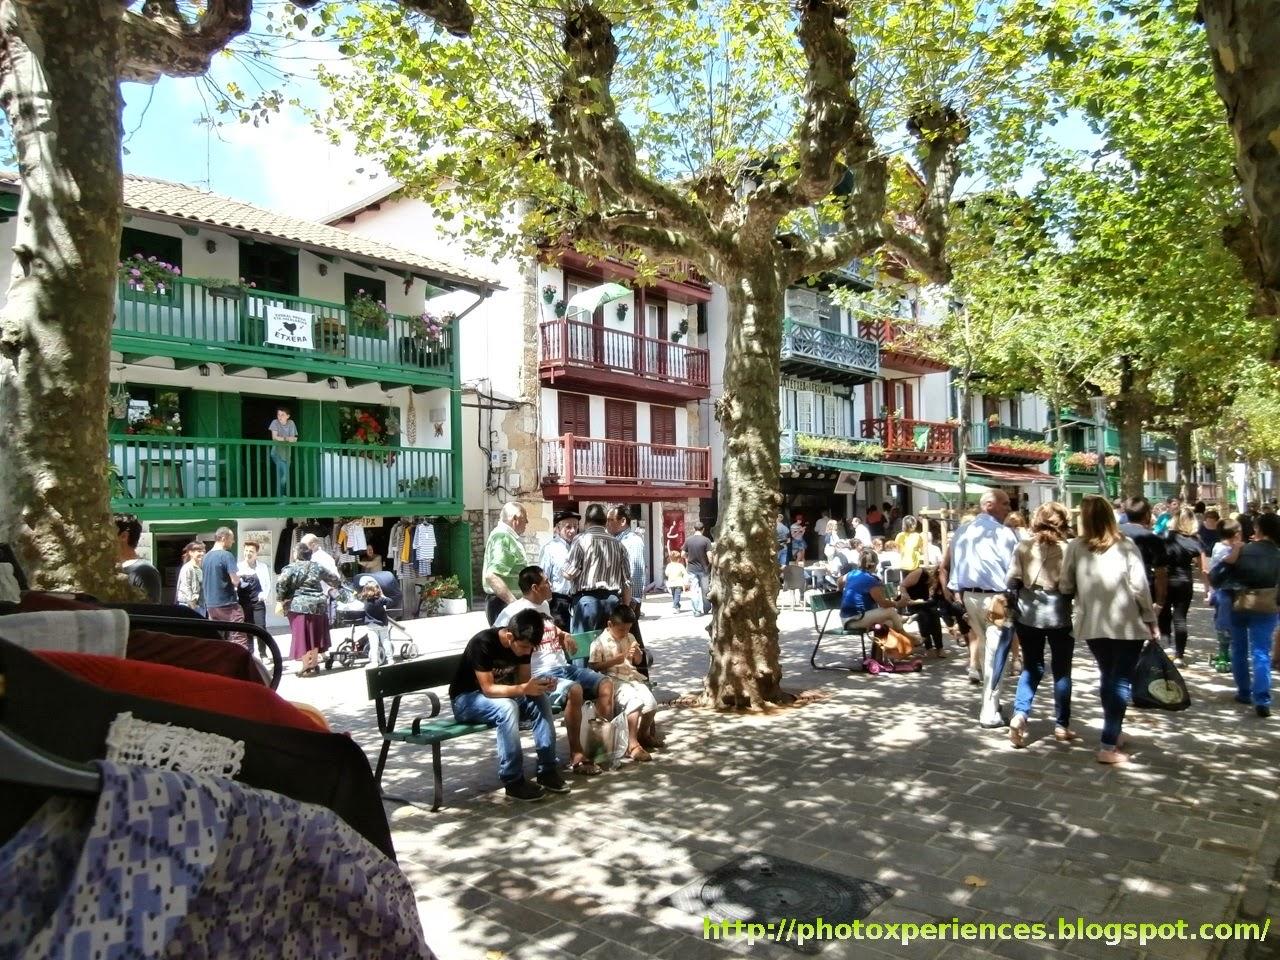 Casas típicas del Barrio de la Marina de Hondarribia - Fuenterrabía